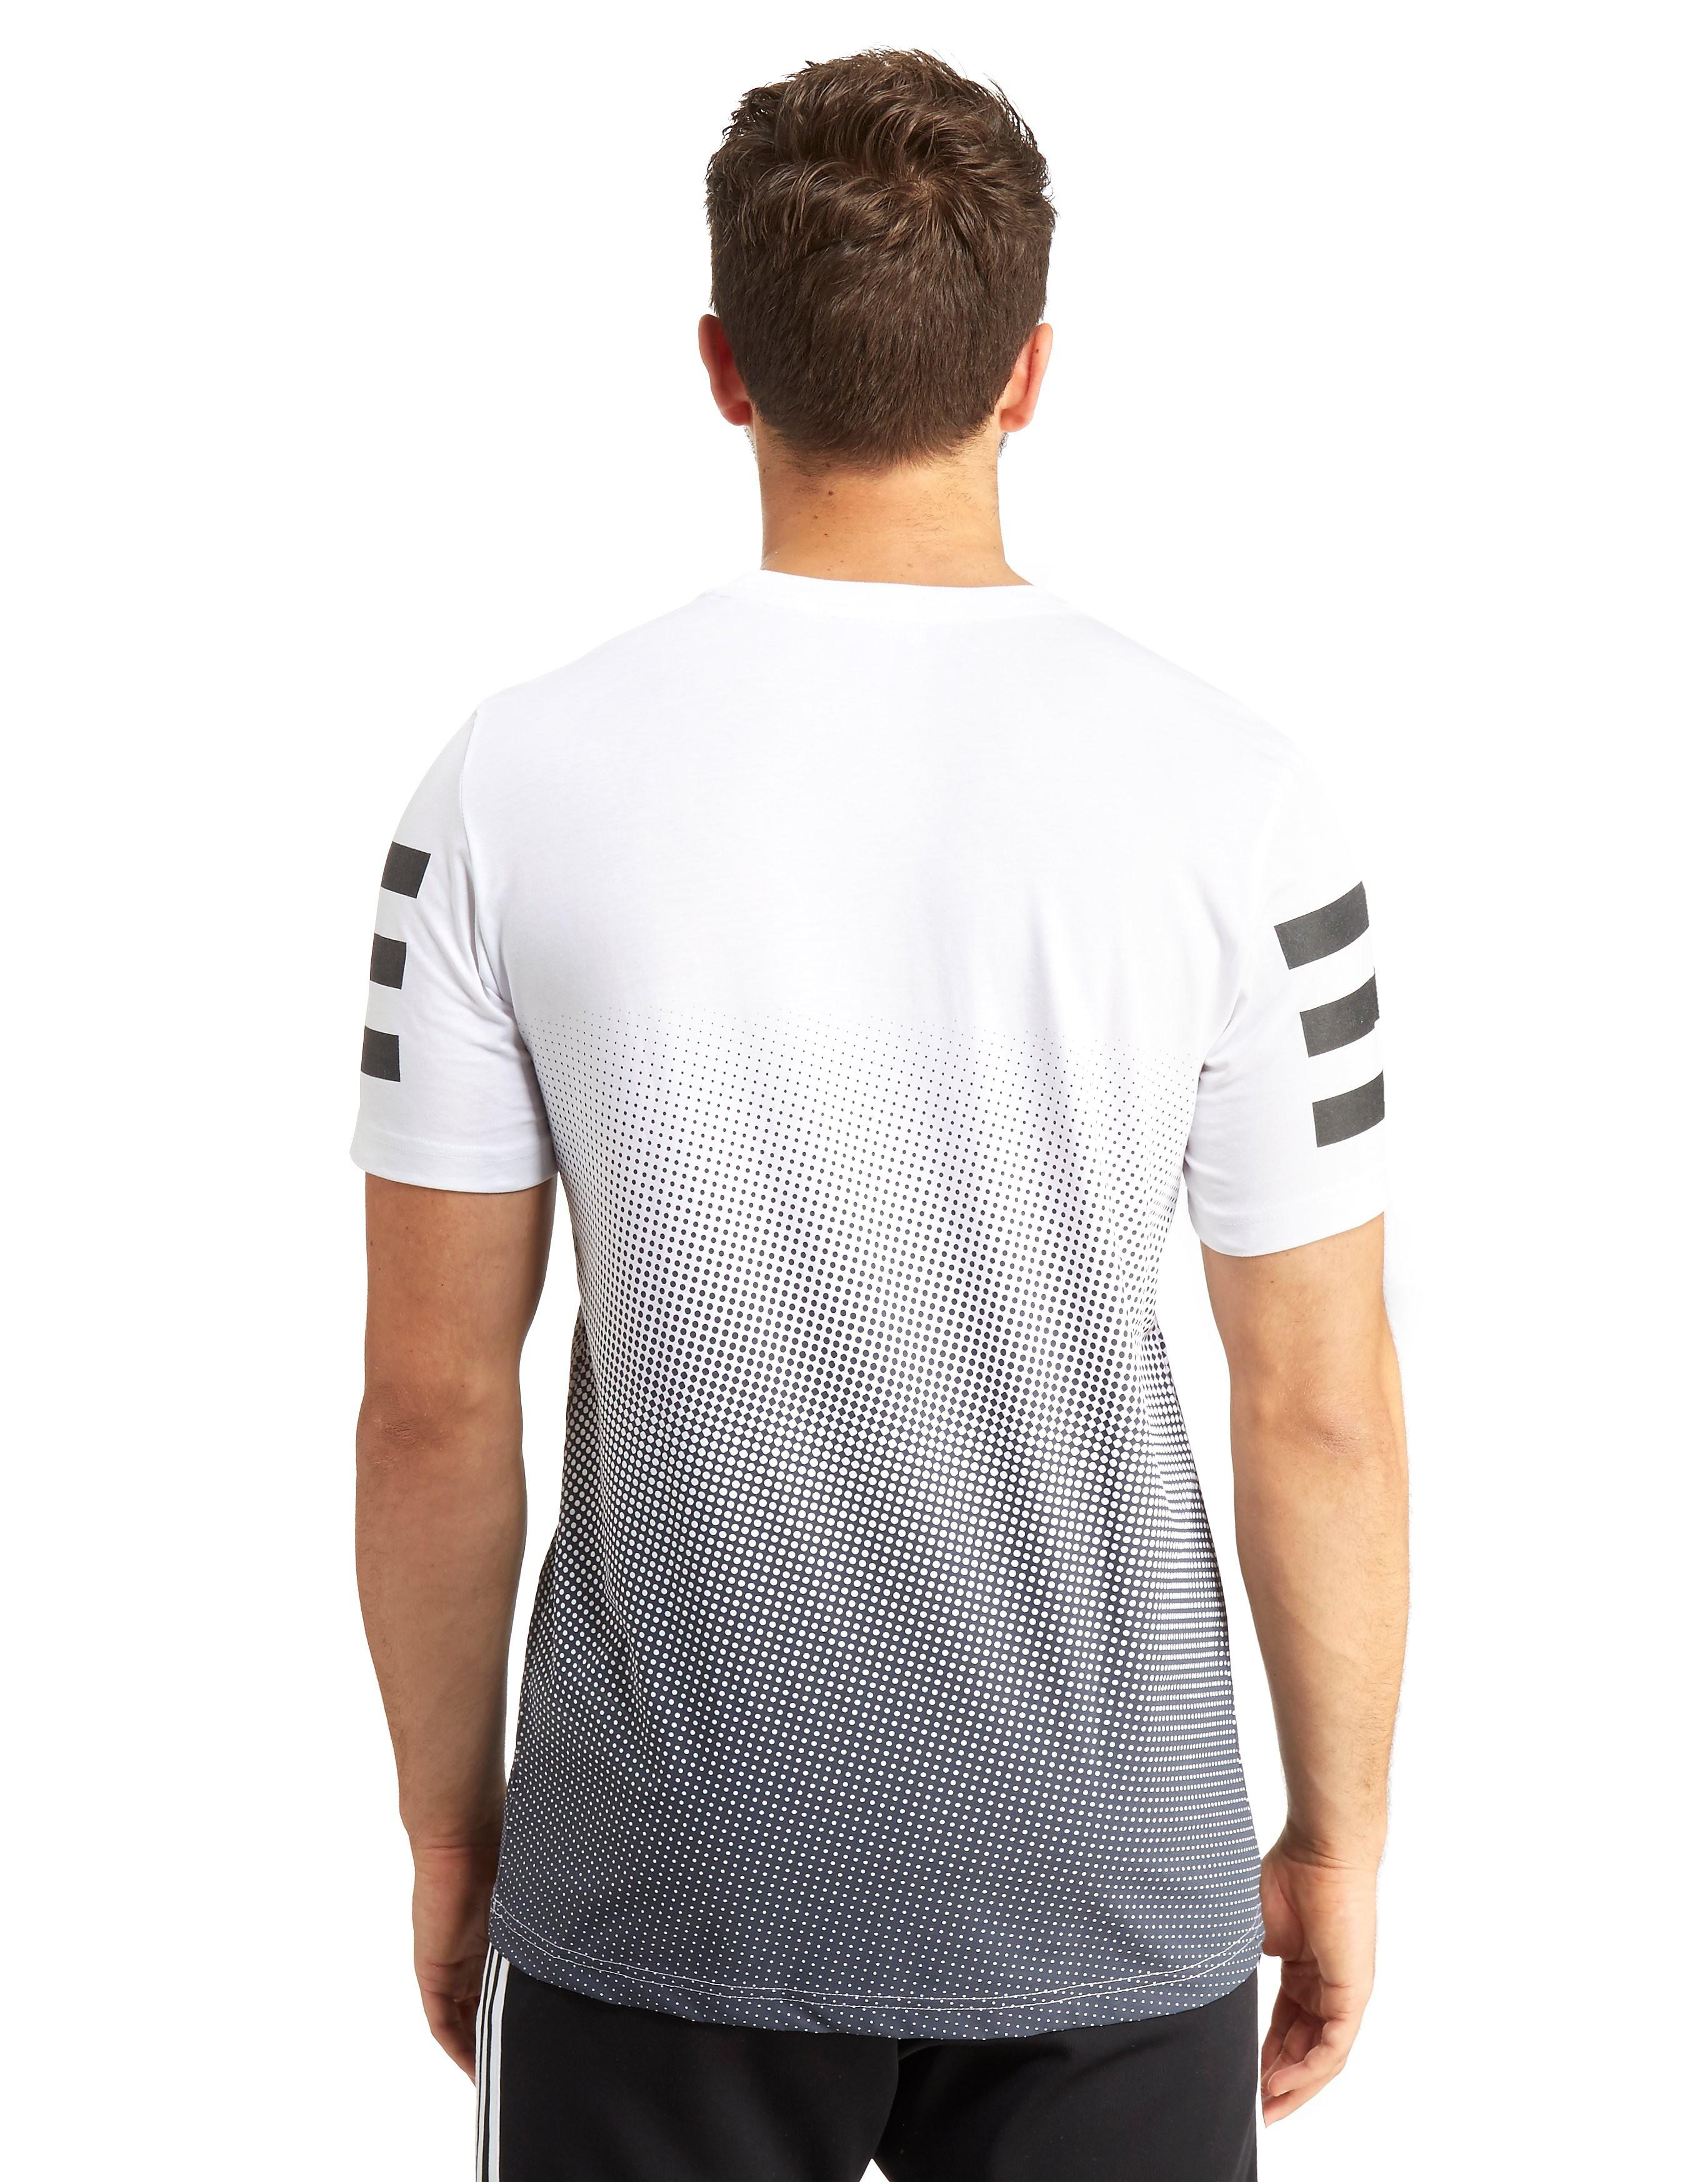 adidas Originals Urban Fade T-Shirt